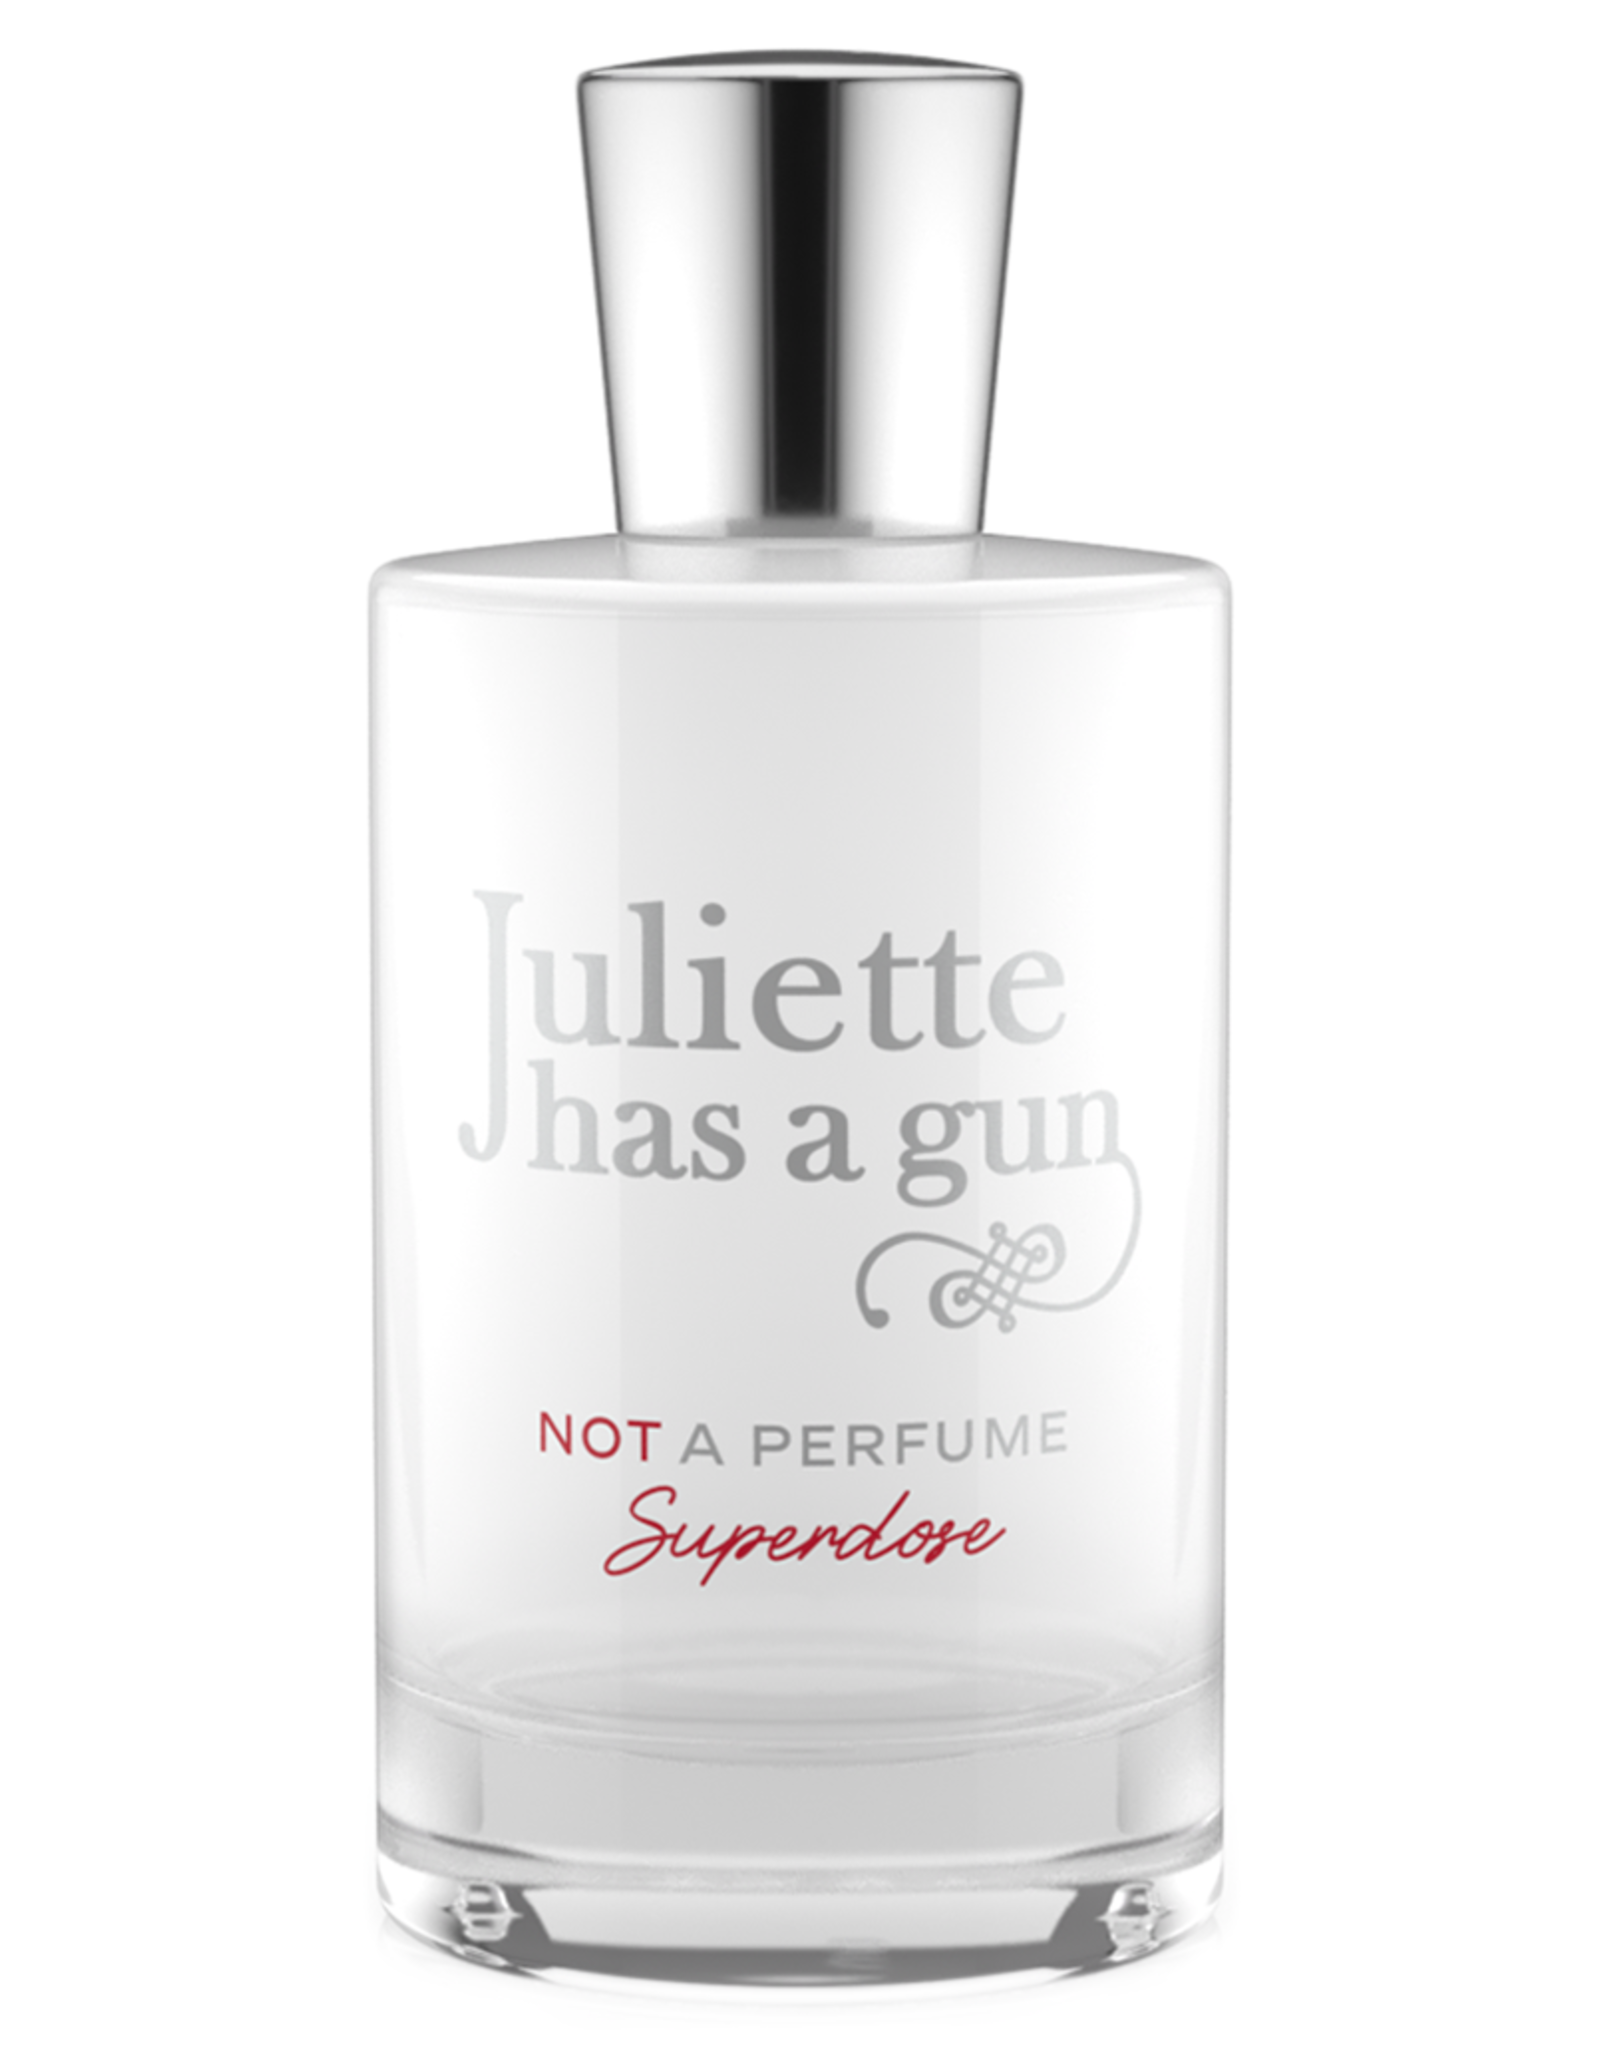 Juliette has a gun Juliette has a gun - Not a Perfume Superdose 100ml